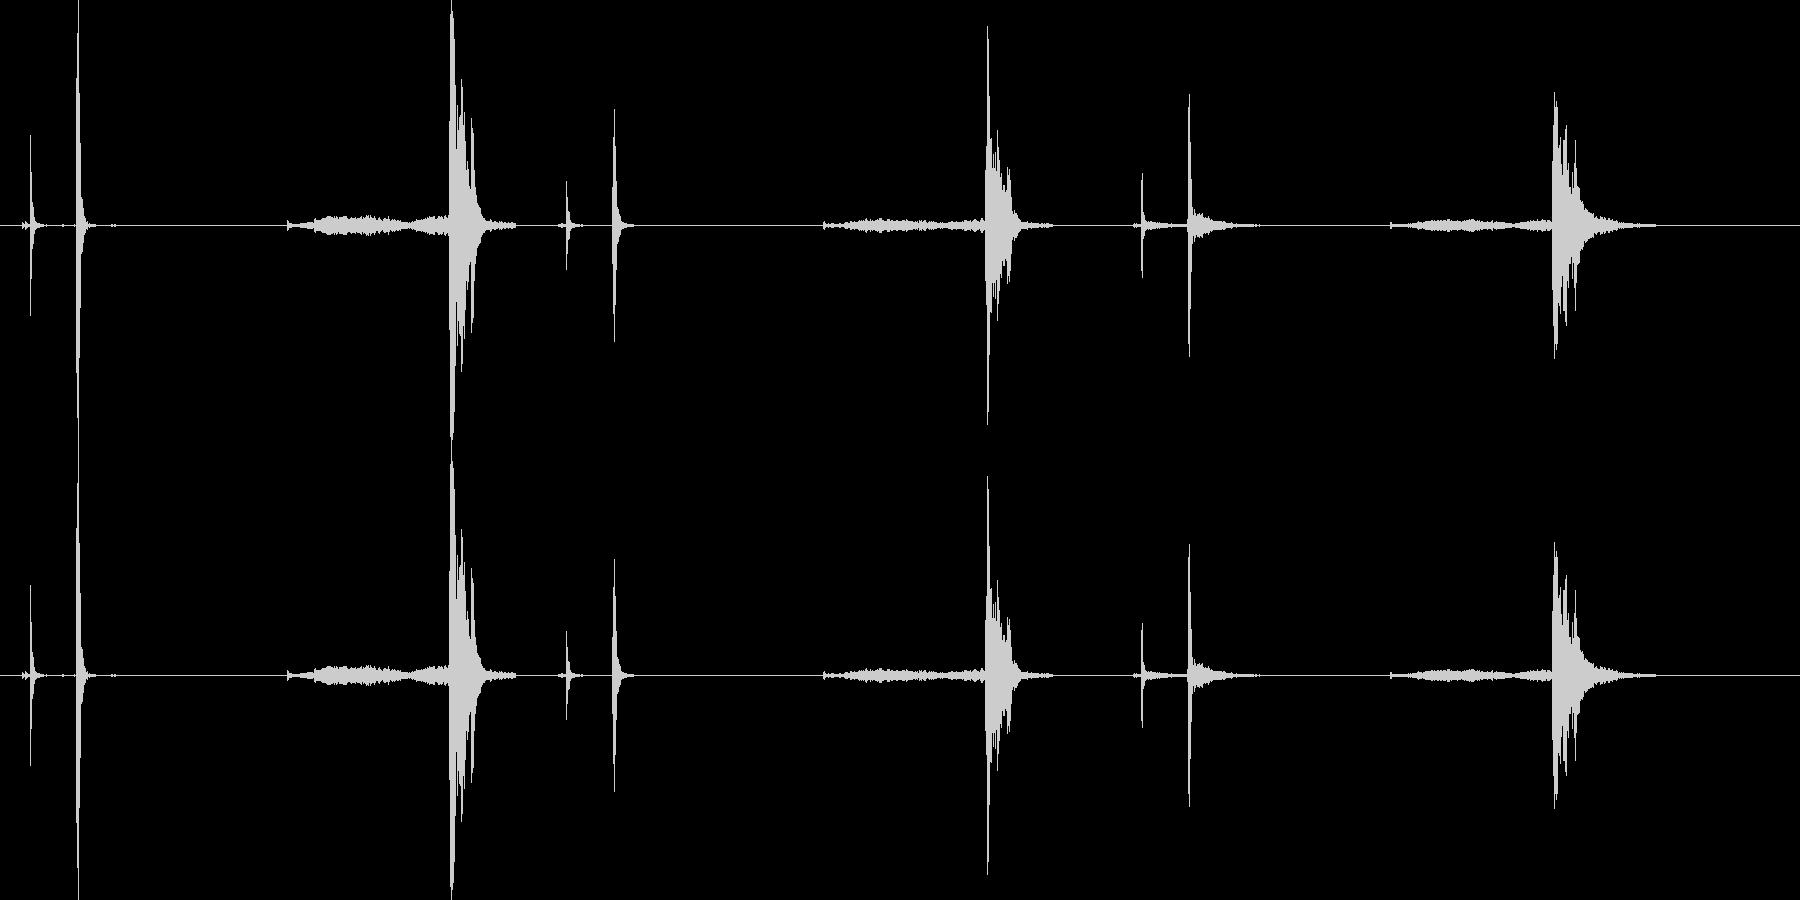 クリンクス-スプリング付き-3部屋の未再生の波形